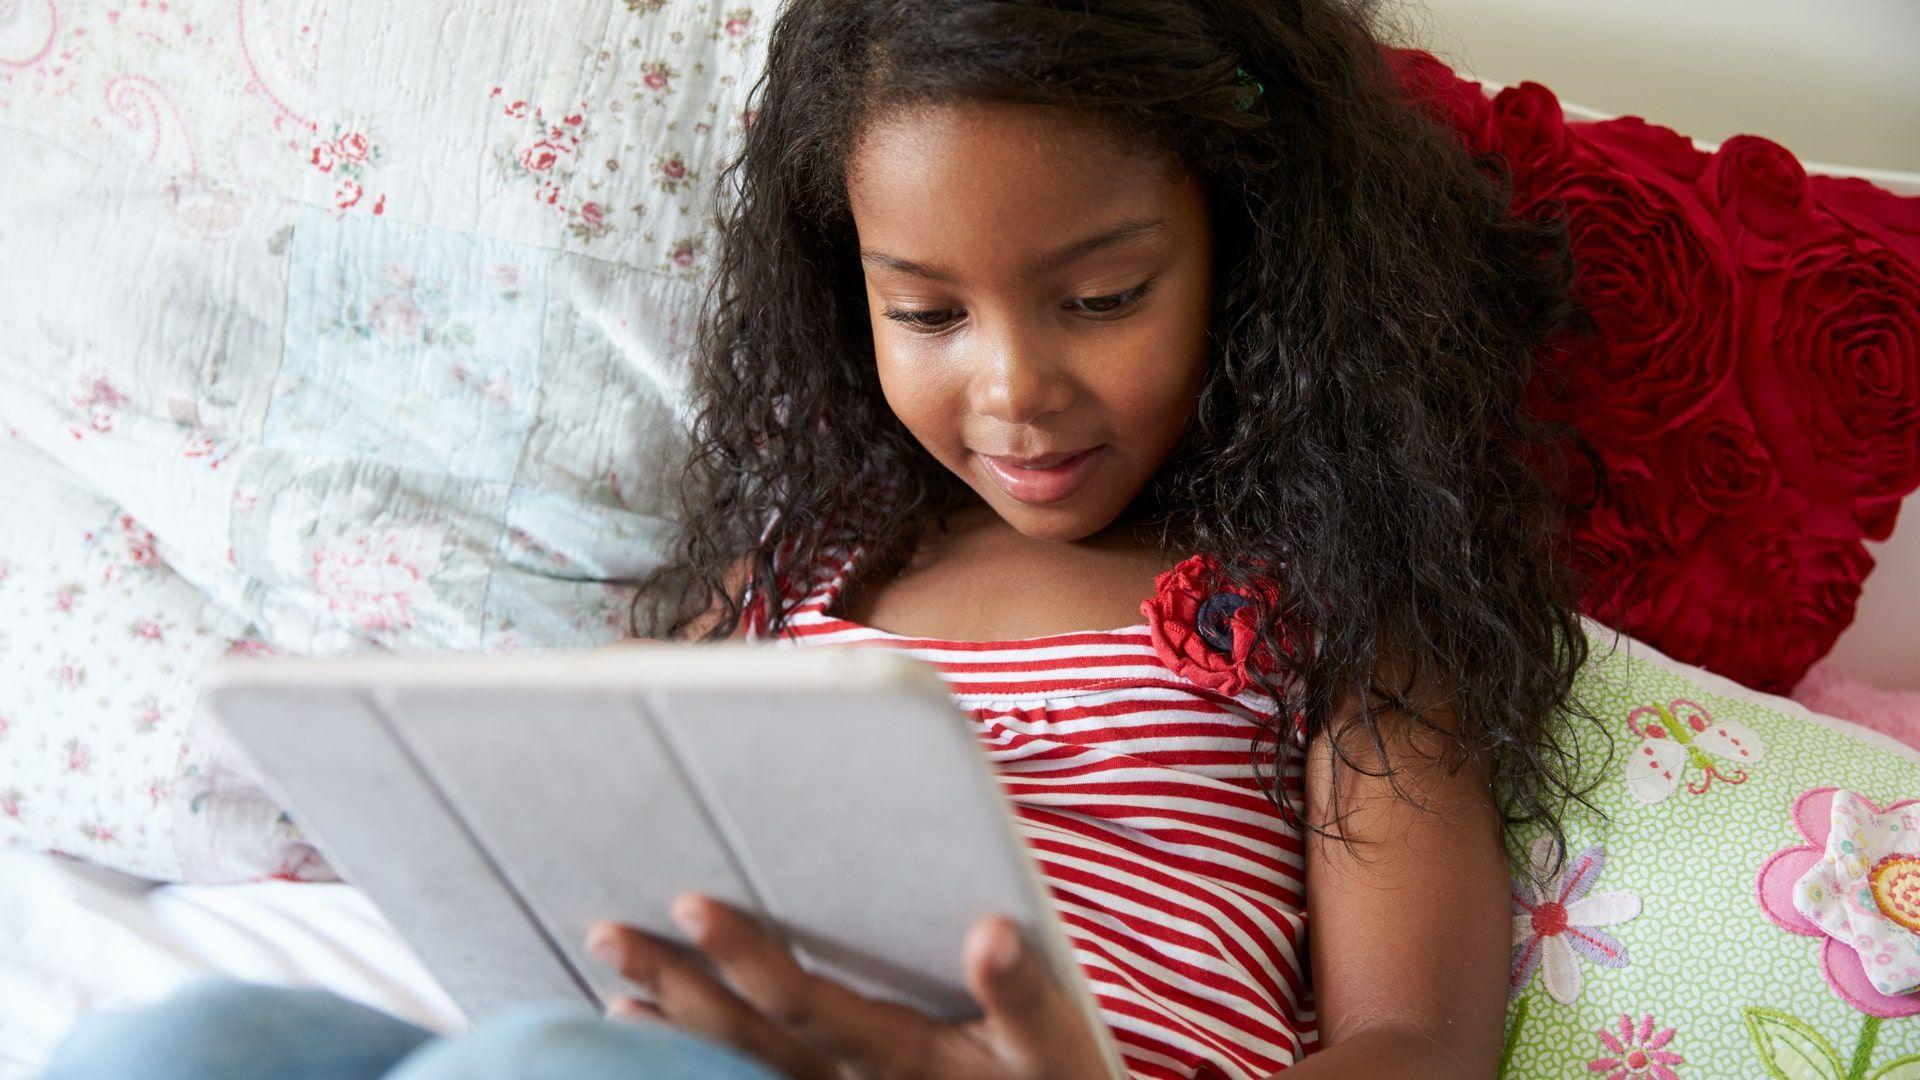 Tablet infantil: é preciso ficar atento às especificações antes de comprar (Foto: Shutterstock)